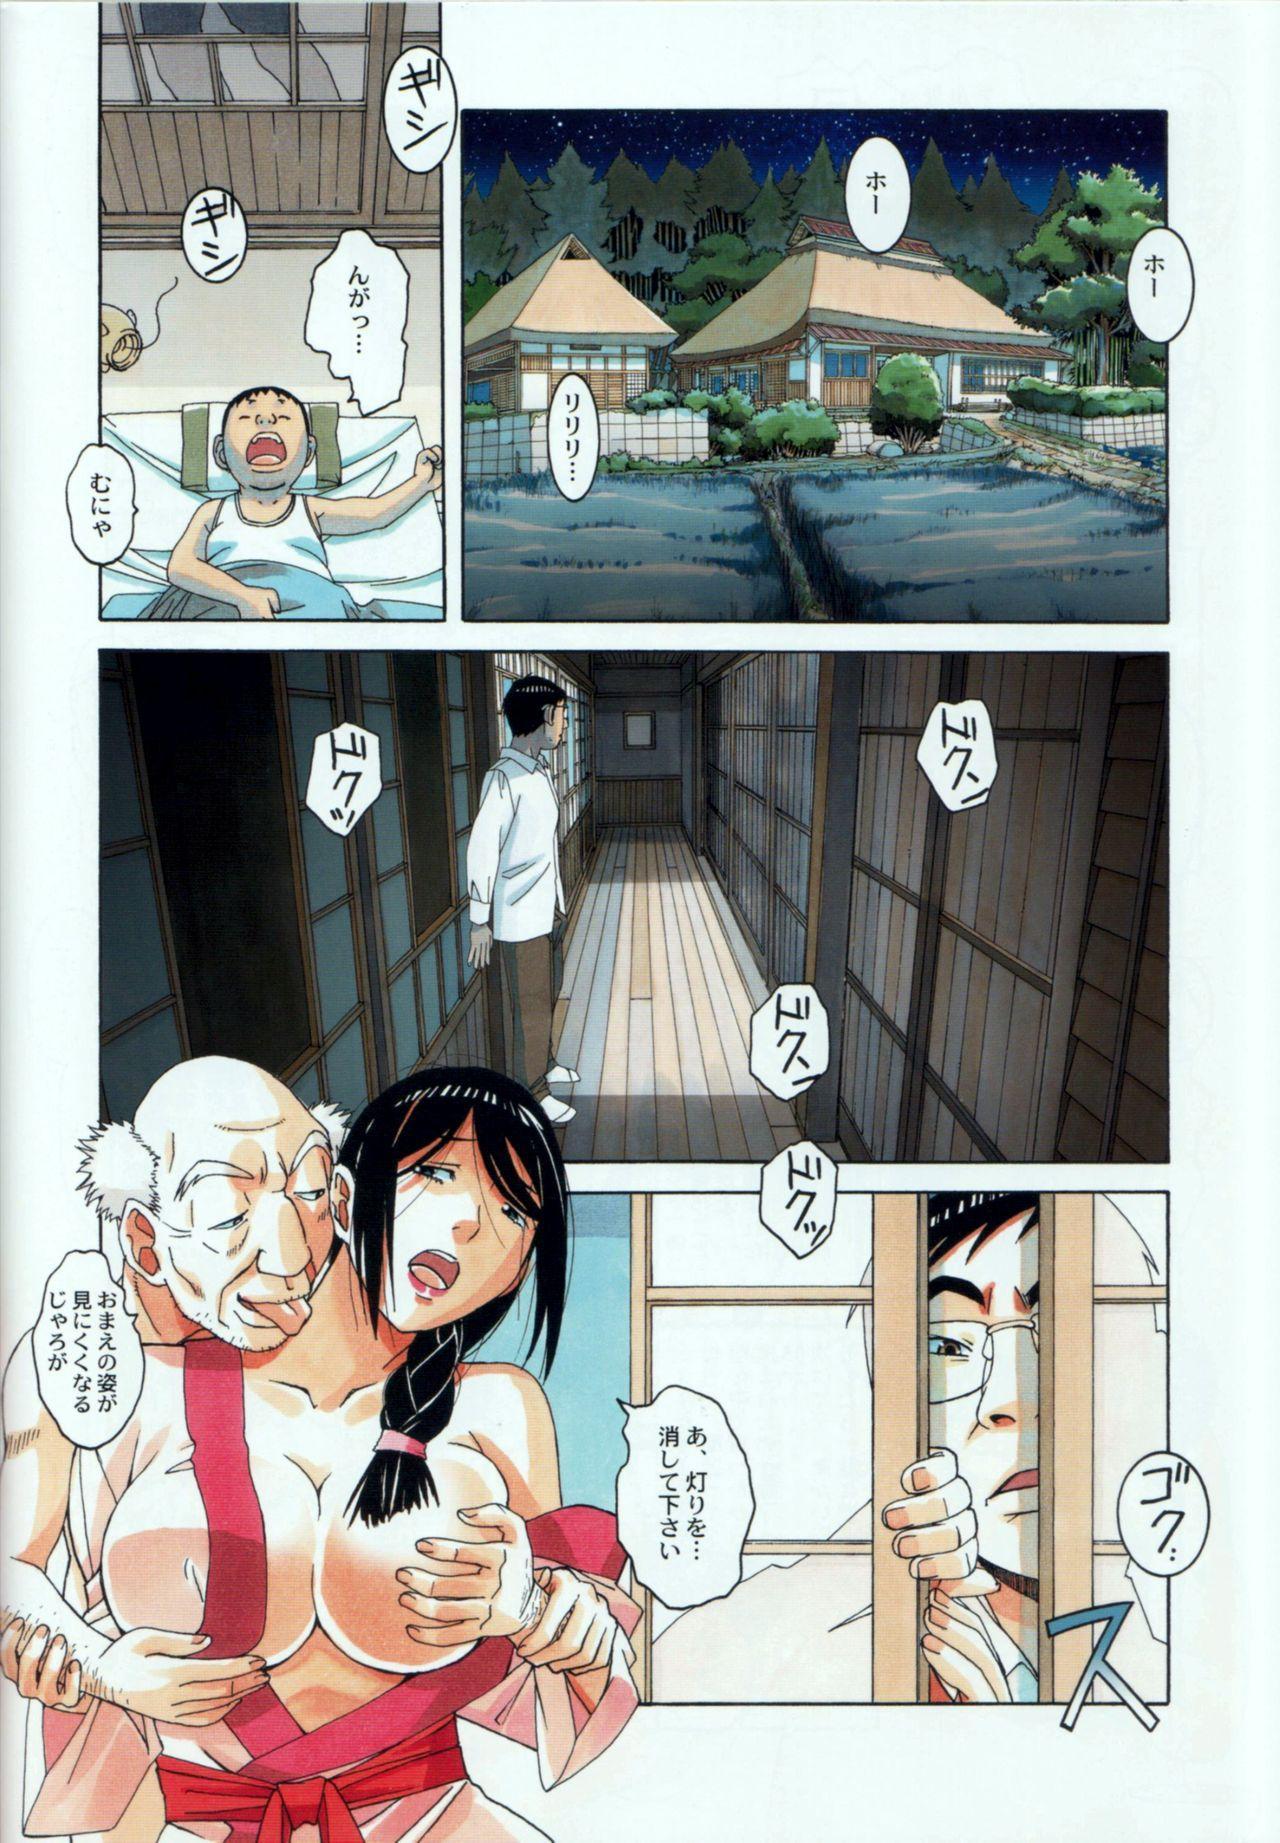 Kainuma Mura no Seikatsu Jijou 1 Gifuyome Chigusa 27